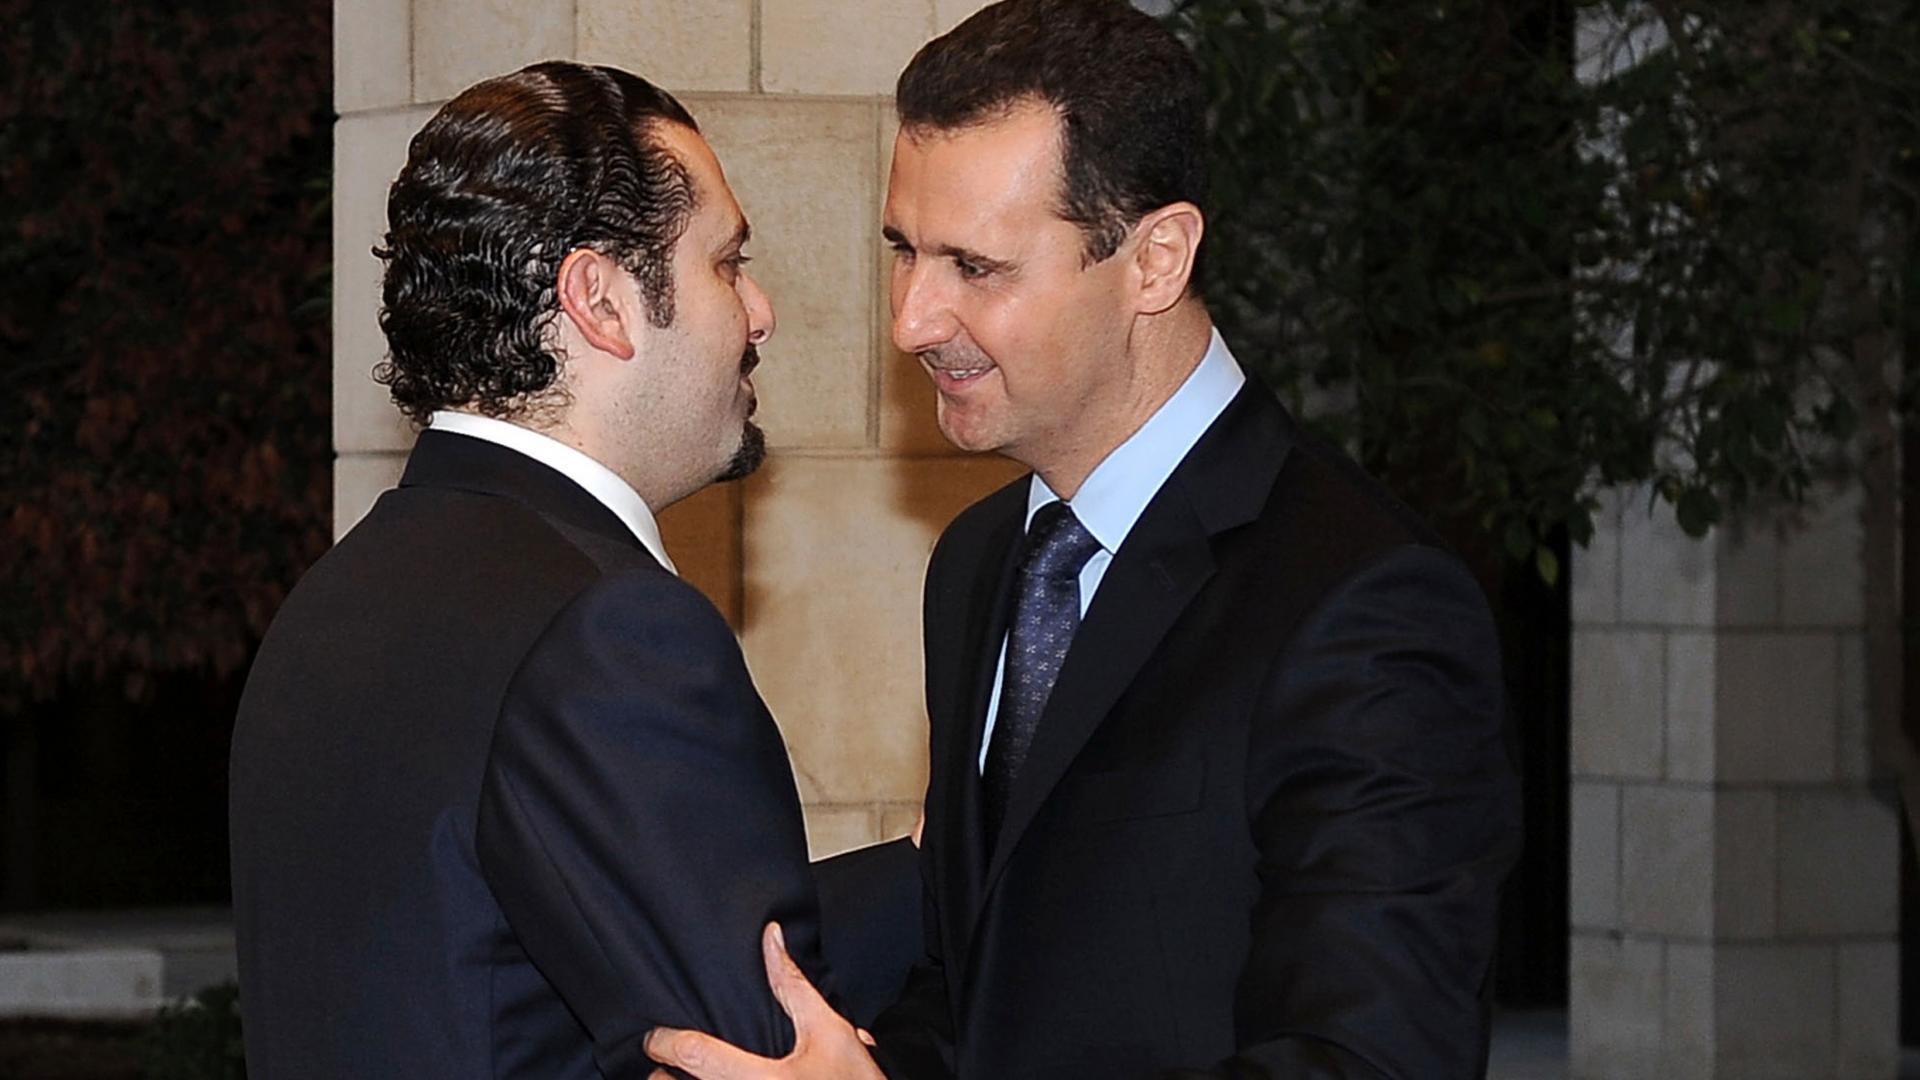 سعد الحريري يكشف واحدة من أصعب لحظات حياته: ذُبحت عندما صافحت الأسد